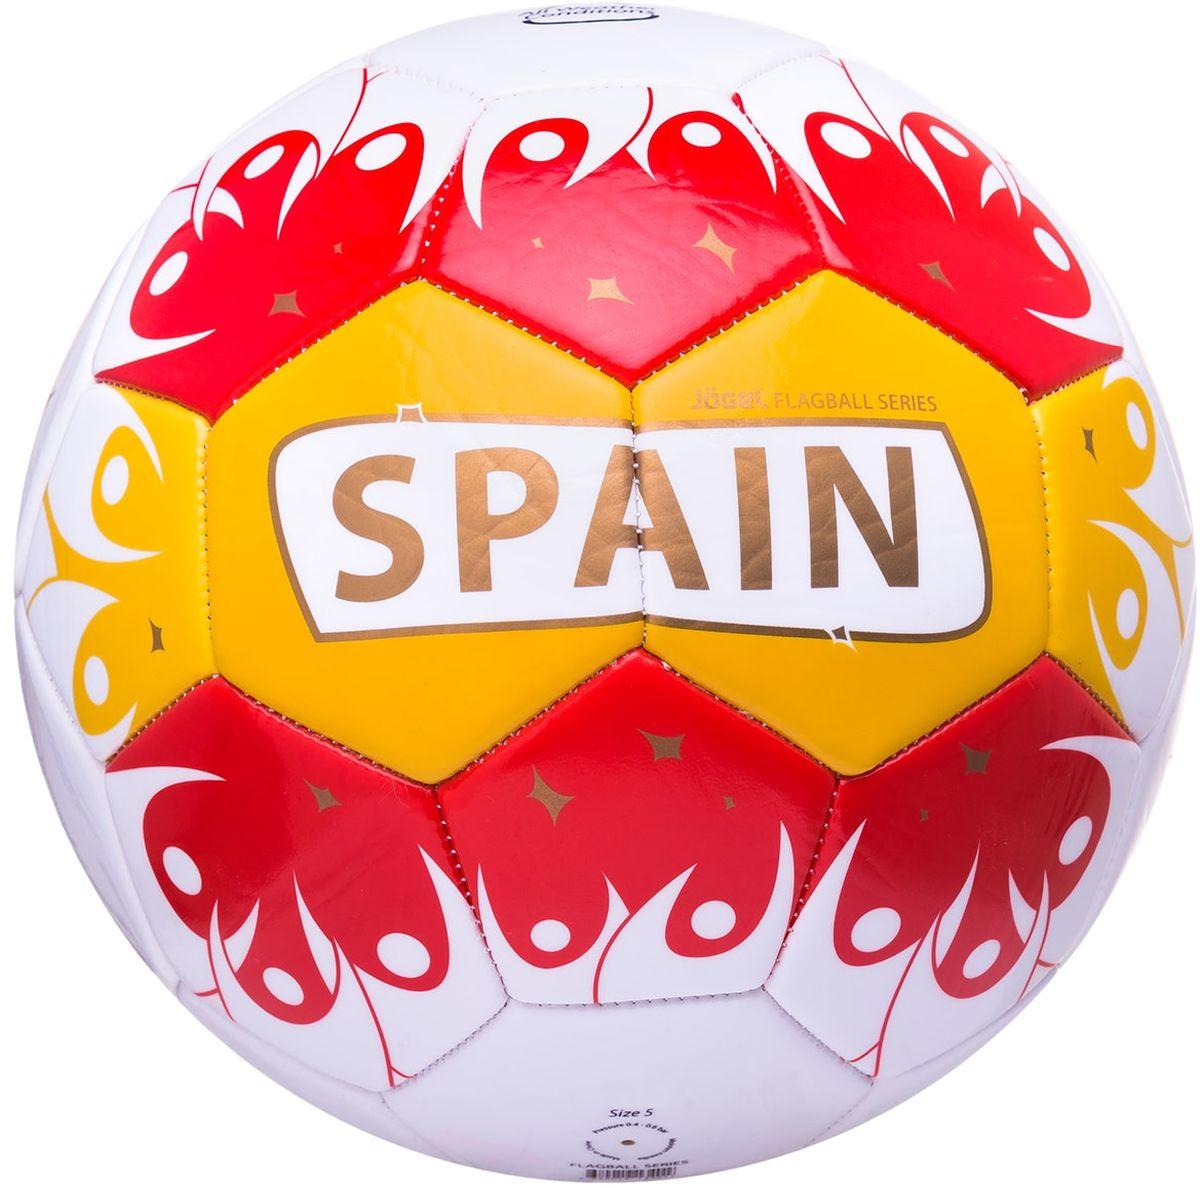 Мяч футбольный Jogel Spain, цвет: белый, желтый, красный. Размер 5УТ-00011395Категория: Мячи футбольныеУровень: ЛюбительскийJogel - это мячи из специальной коллекции, посвященной чемпионату мира по футболу 2018 года. В дизайне мячей данной линейки применяются цветовые решения флагов сильнейших сборных мира. Мячи придутся по душе всем любителям футбола и фанатам, которые захотят приобрести данные мячи в качестве сувенира. По своим характеристикам подходит как детям, так и взрослым. Поверхность мяча выполнена из синтетической кожи (поливинилхлорид) толщиной 2,7 мм. Мячи имеют 2 подкладочных слоя и оснащены бутиловой камерой, обеспечивающей долгое сохранение воздуха в камере. Данные мячи рекомендованы для любительской игры и тренировок любительских команд.Рекомендованные покрытия: натуральный газон, синтетическая трава, резина, гаревые поля, паркетТип соединения панелей: Машинная сшивкаКоличество панелей: 32Длина окружности: №5 - 68-70 смВес: 410-450 грРекомендованное давление: 0.4-0.6 бар